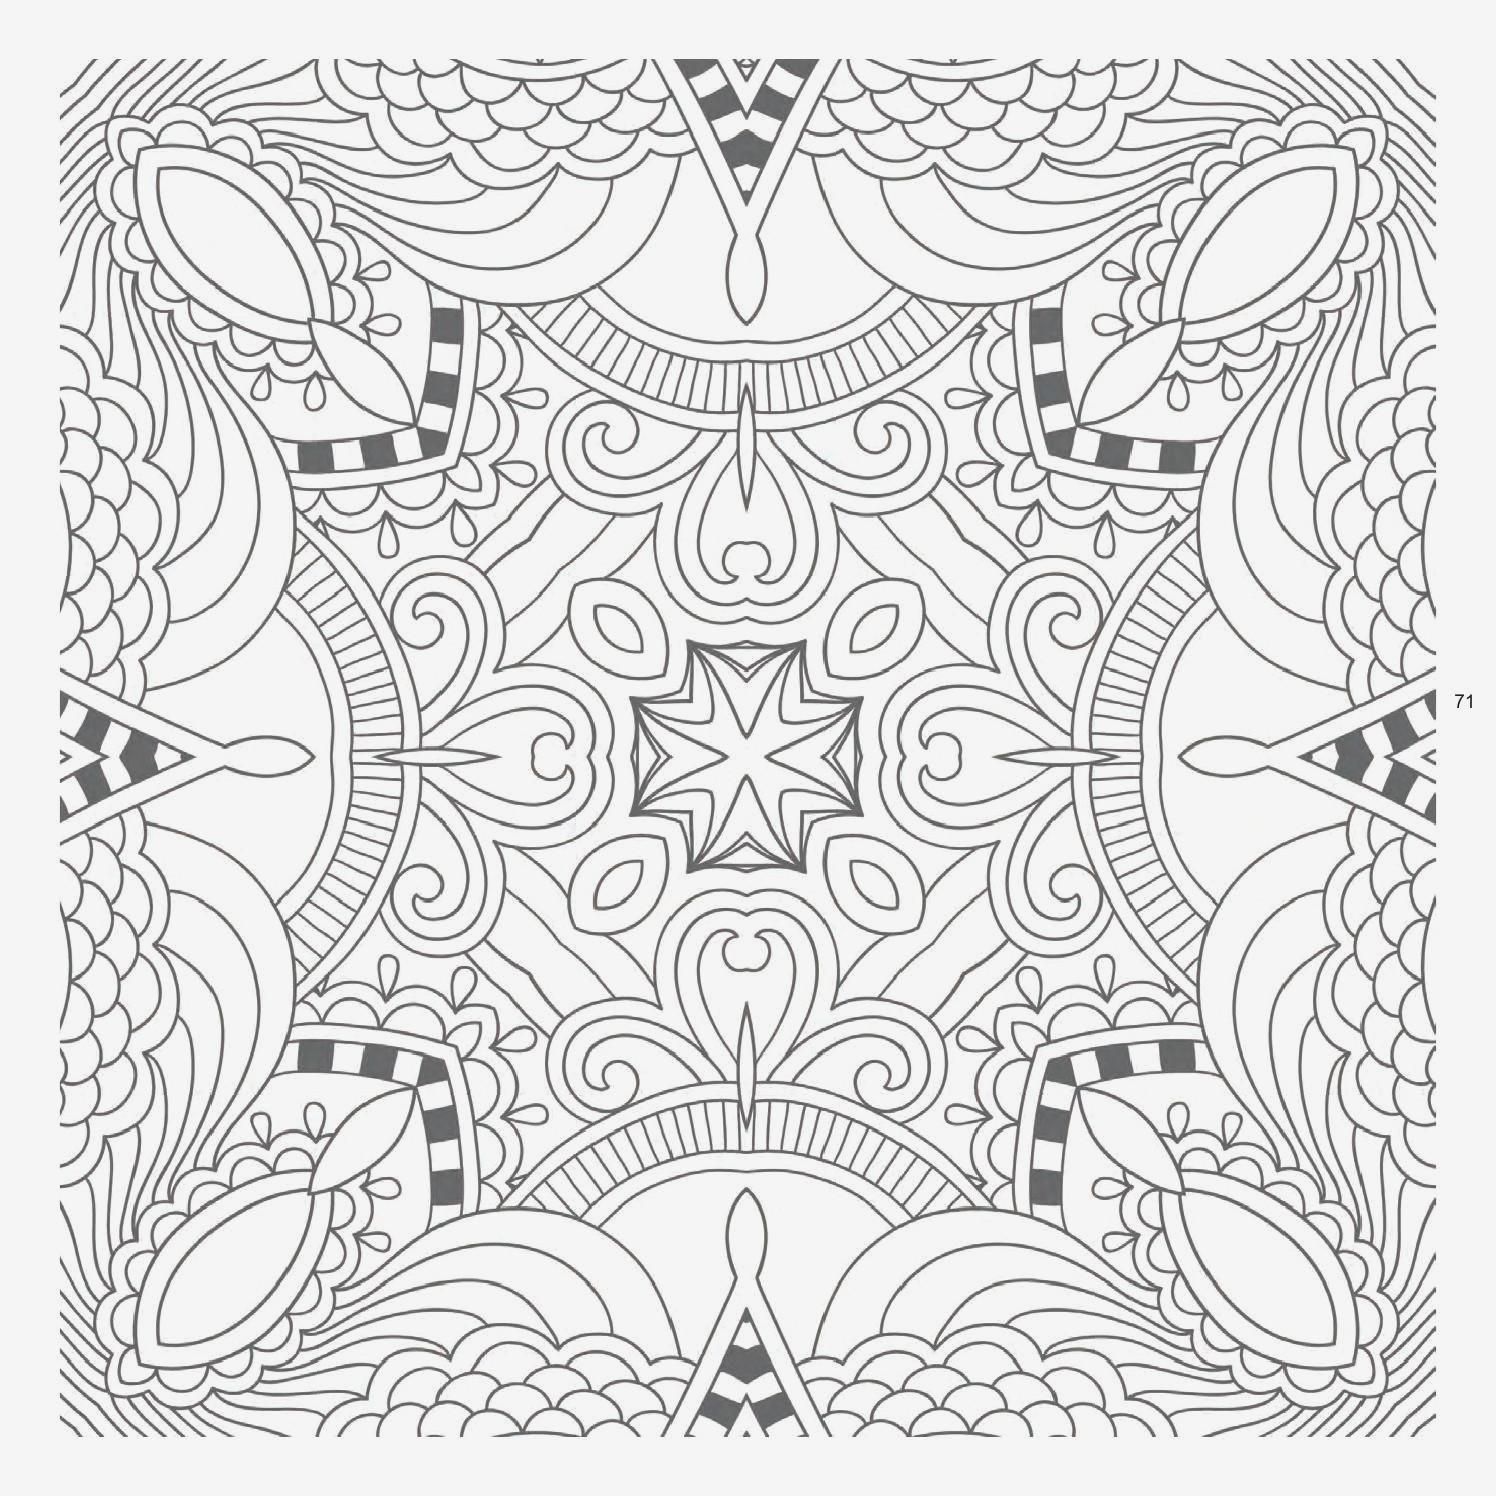 Herz Mandalas Zum Ausmalen Genial Ausmalbilder Mandala Erwachsene Eine Sammlung Von Färbung Bilder Bilder